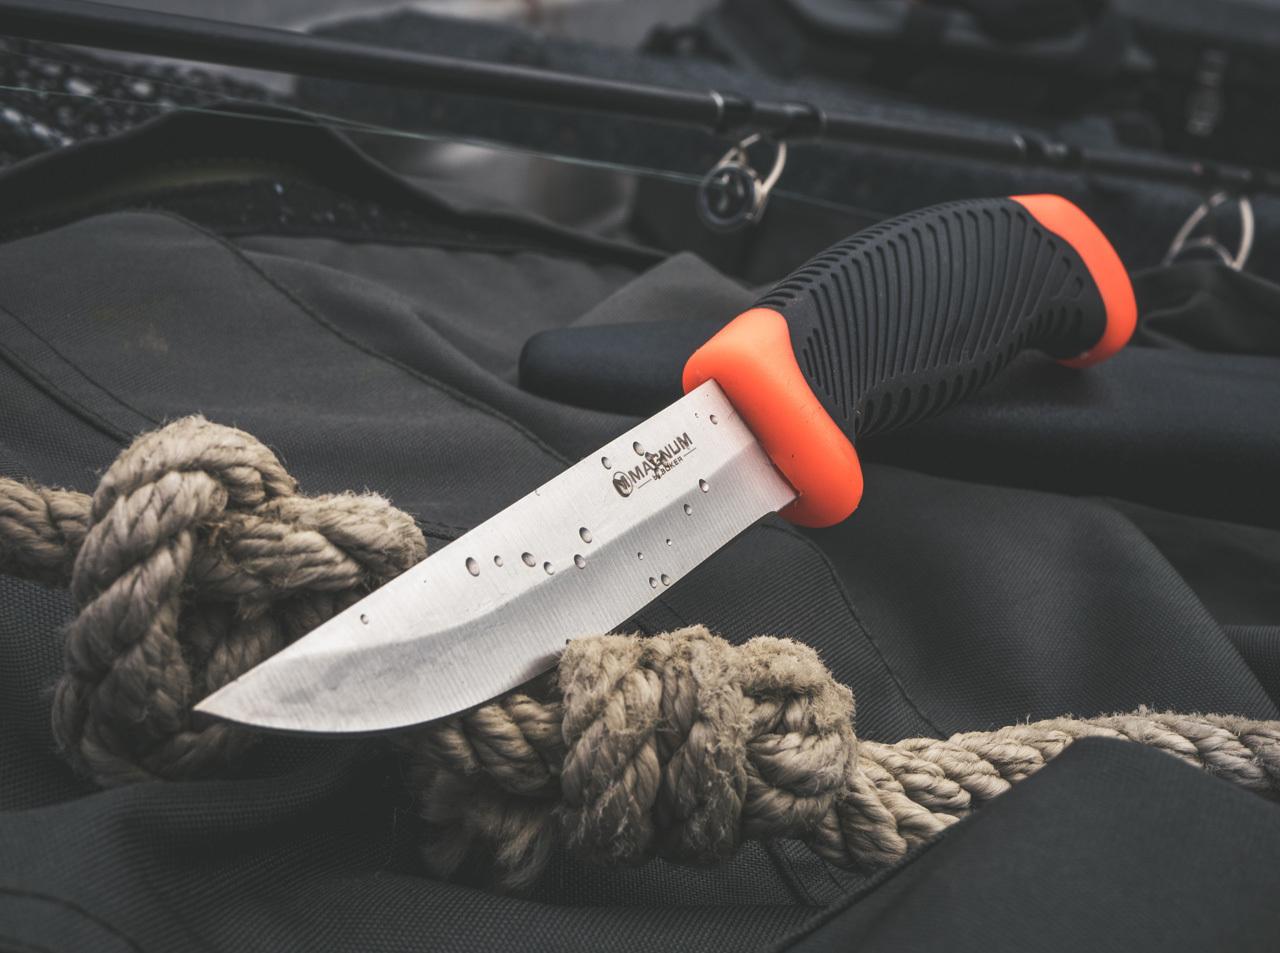 Фото 10 - Нож рыбацкий с фиксированным клинком Magnum Falun, сталь 420 Satin Plain, рукоять полипропилен/термопластик, 02RY100 от Boker